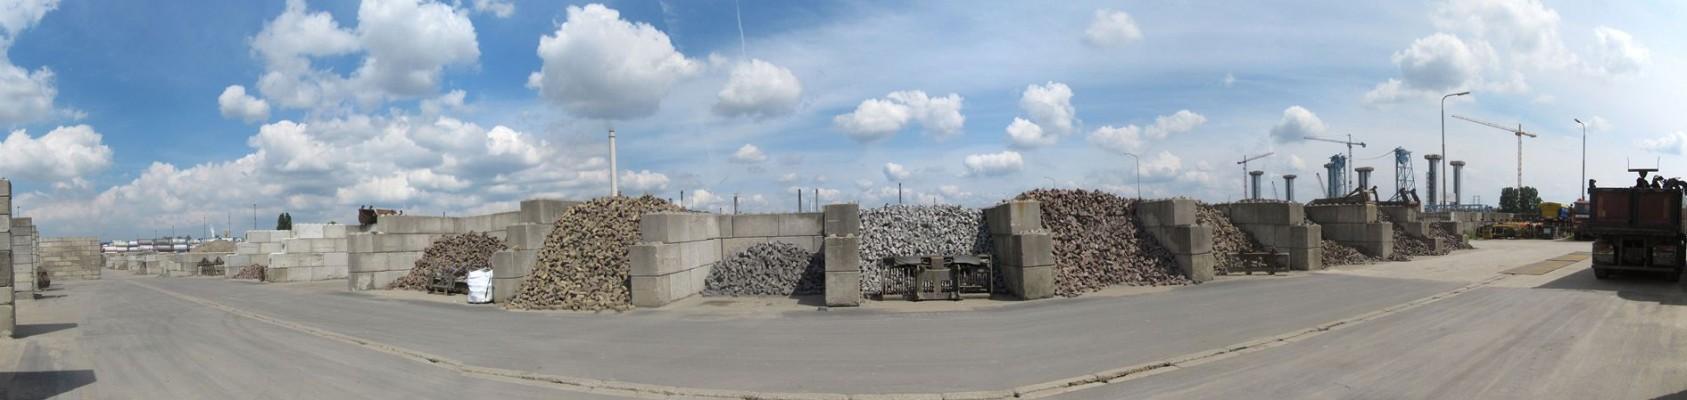 Depot Gebr. de Jongh